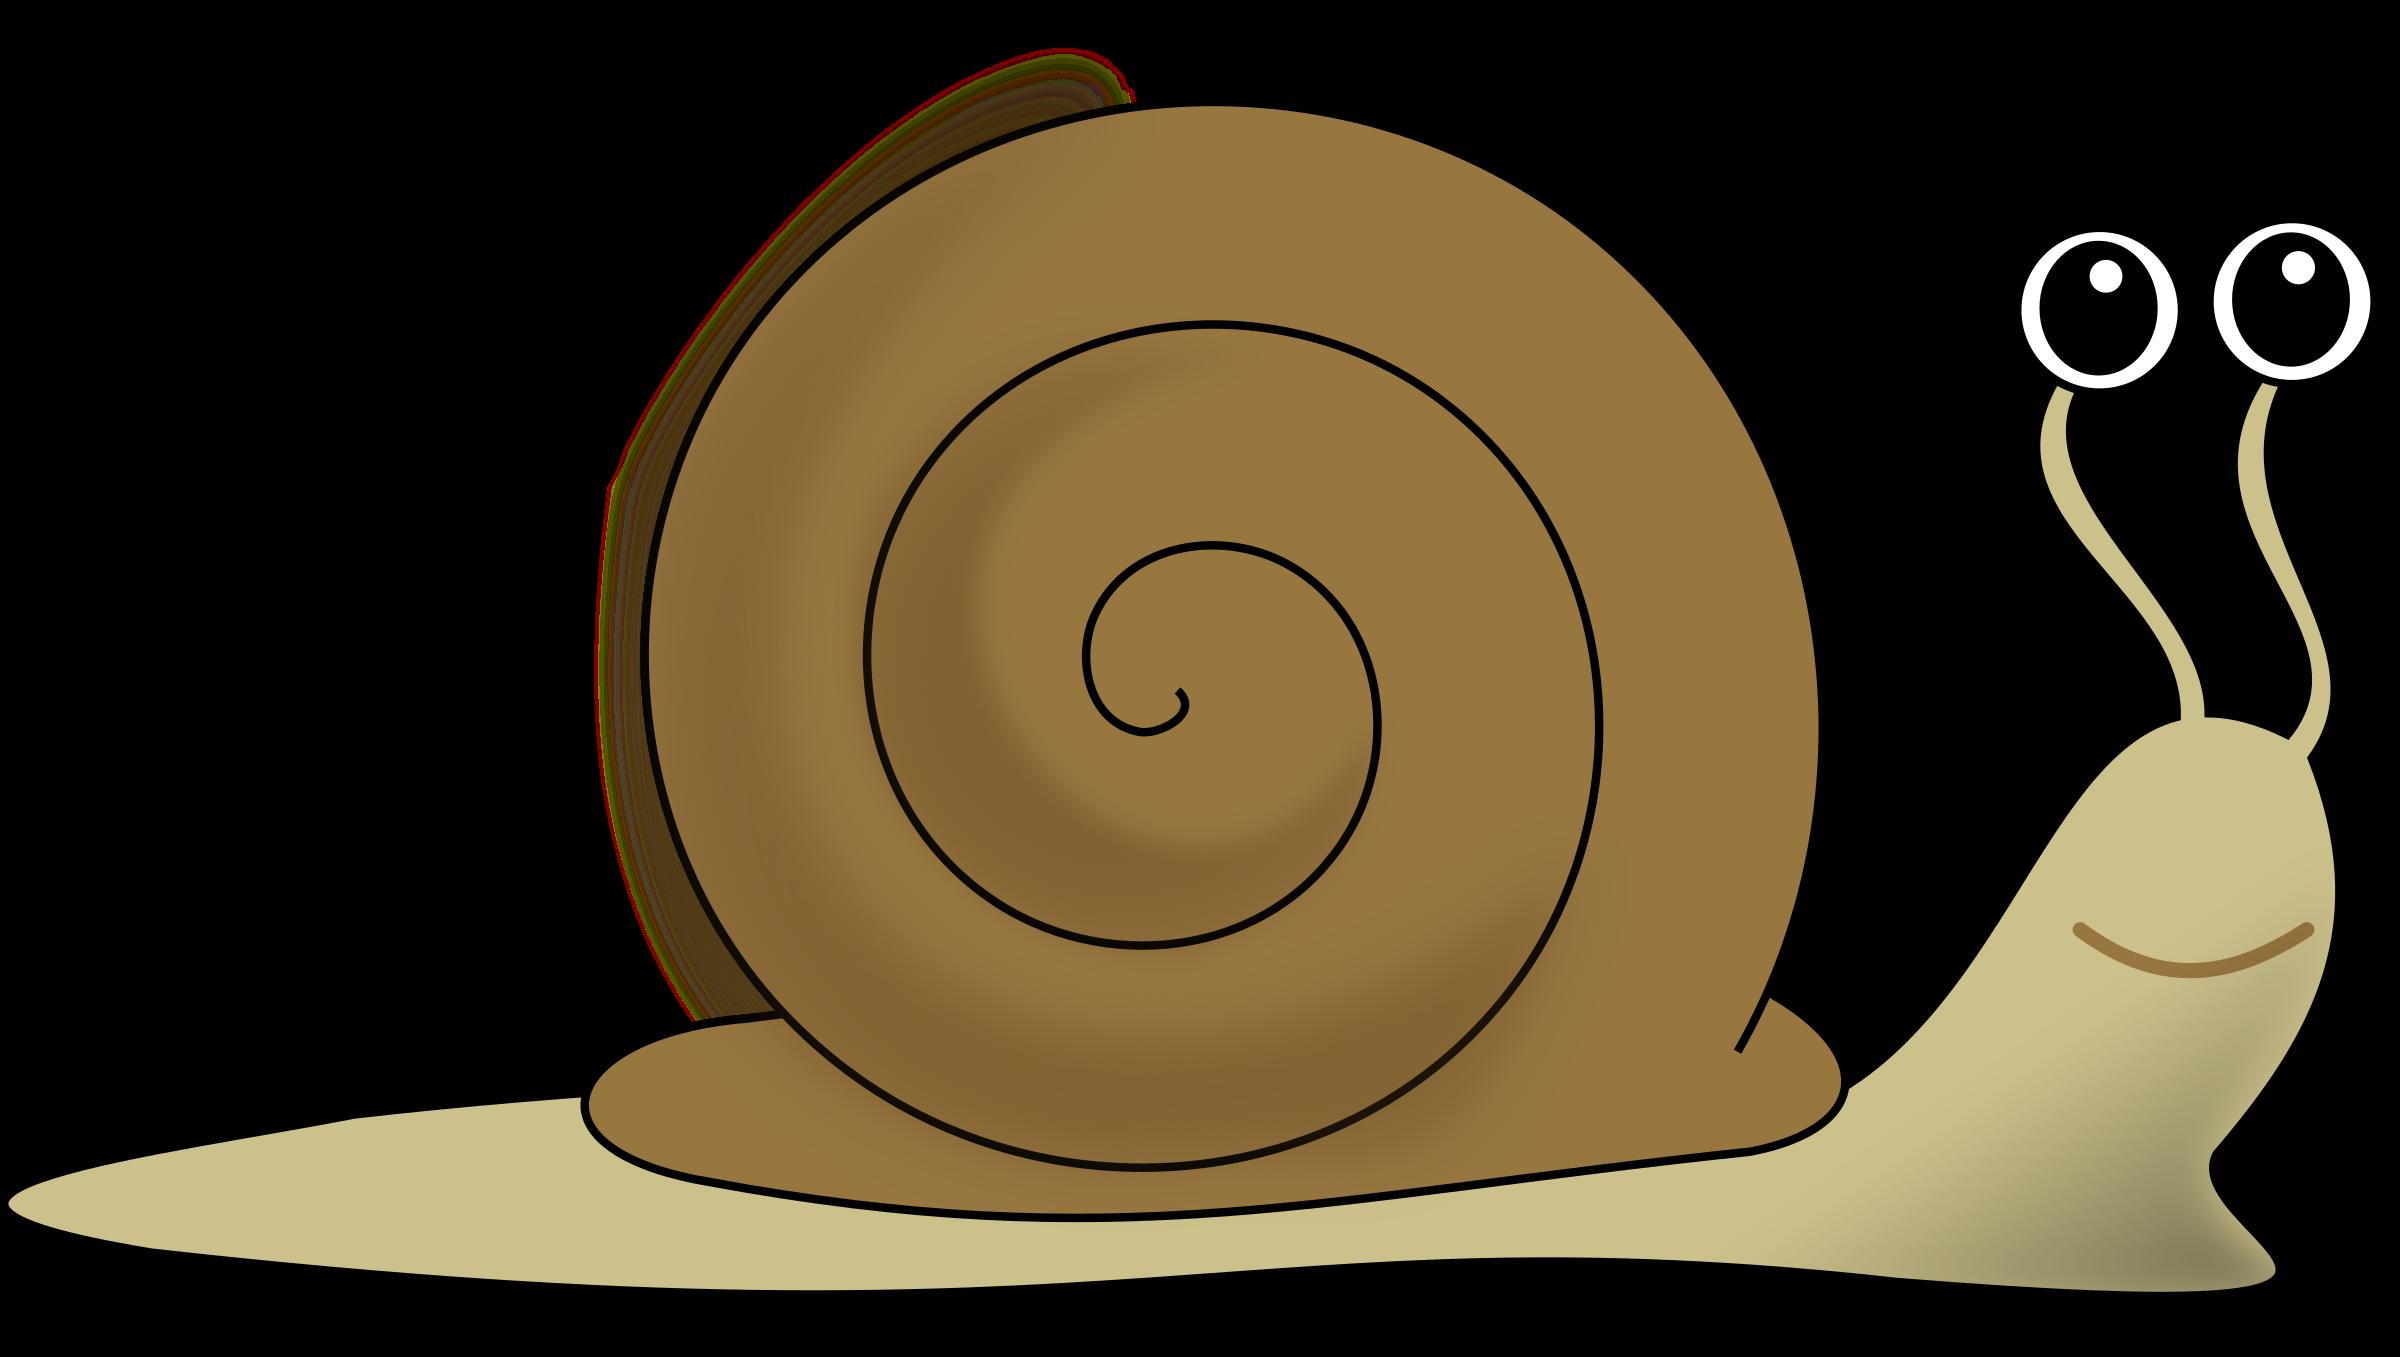 Clip Art Snail Clipart Snail Escargot